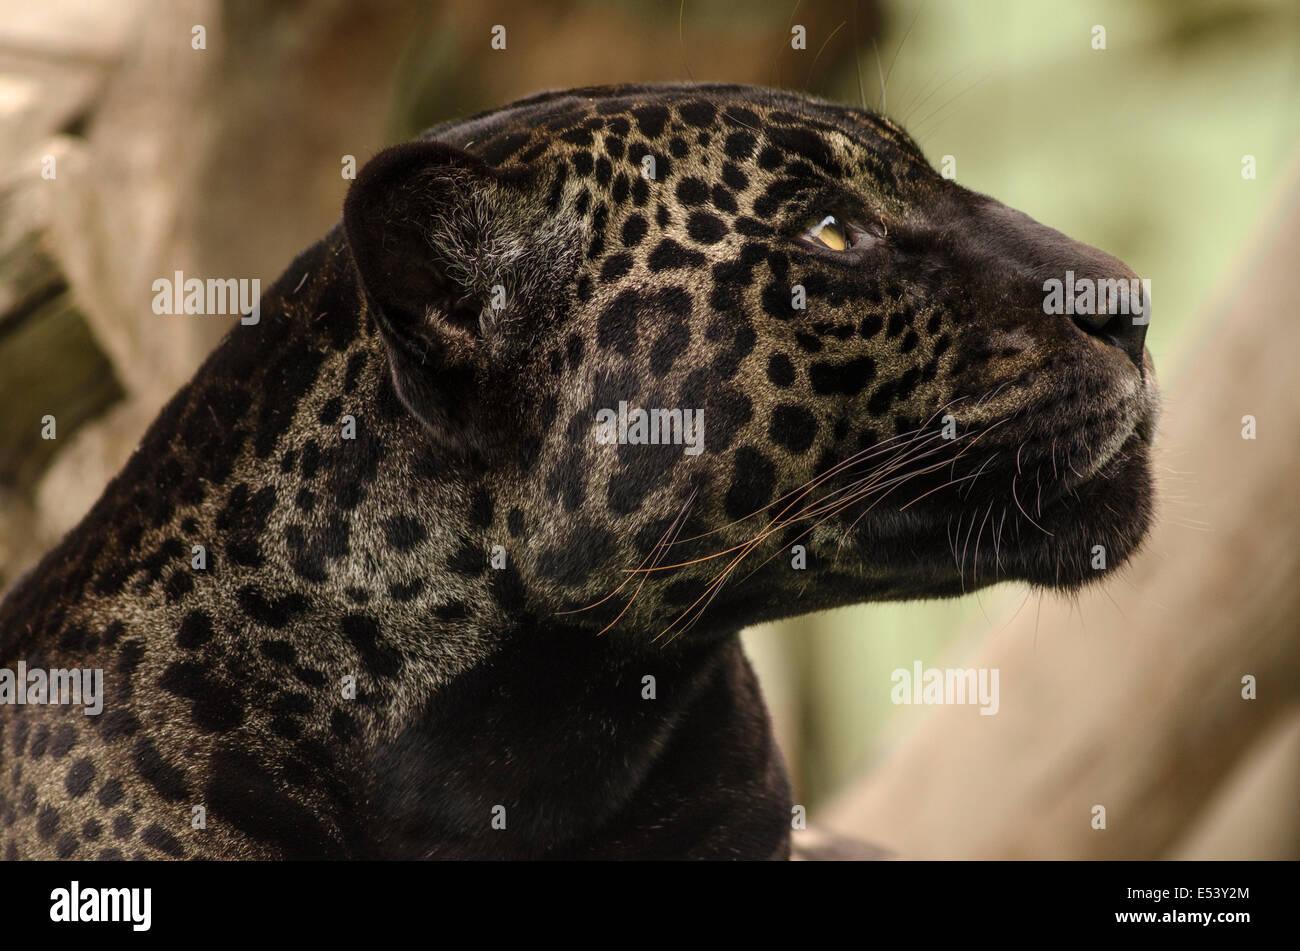 Panther or black jaguar Panthera onca - Stock Image